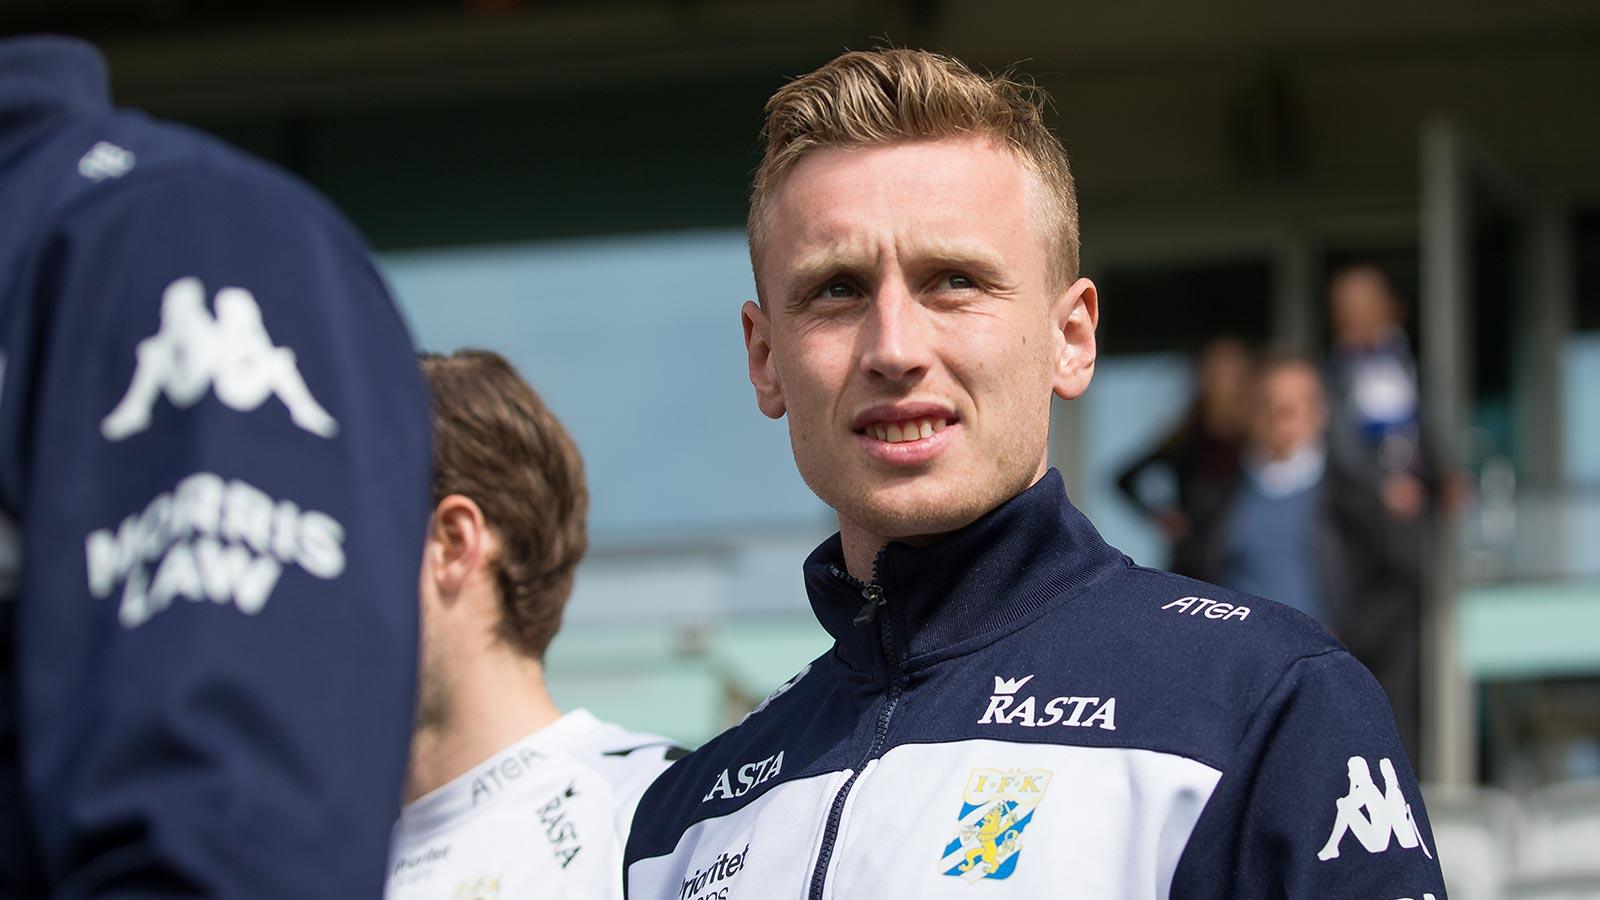 180428 IFK Göteborgs Sebastian Ohlsson på väg in för att värma upp innan fotbollsmatchen i allsvenskan mellan IFK Göteborg och Häcken den 28 april 2018 i Göteborg.